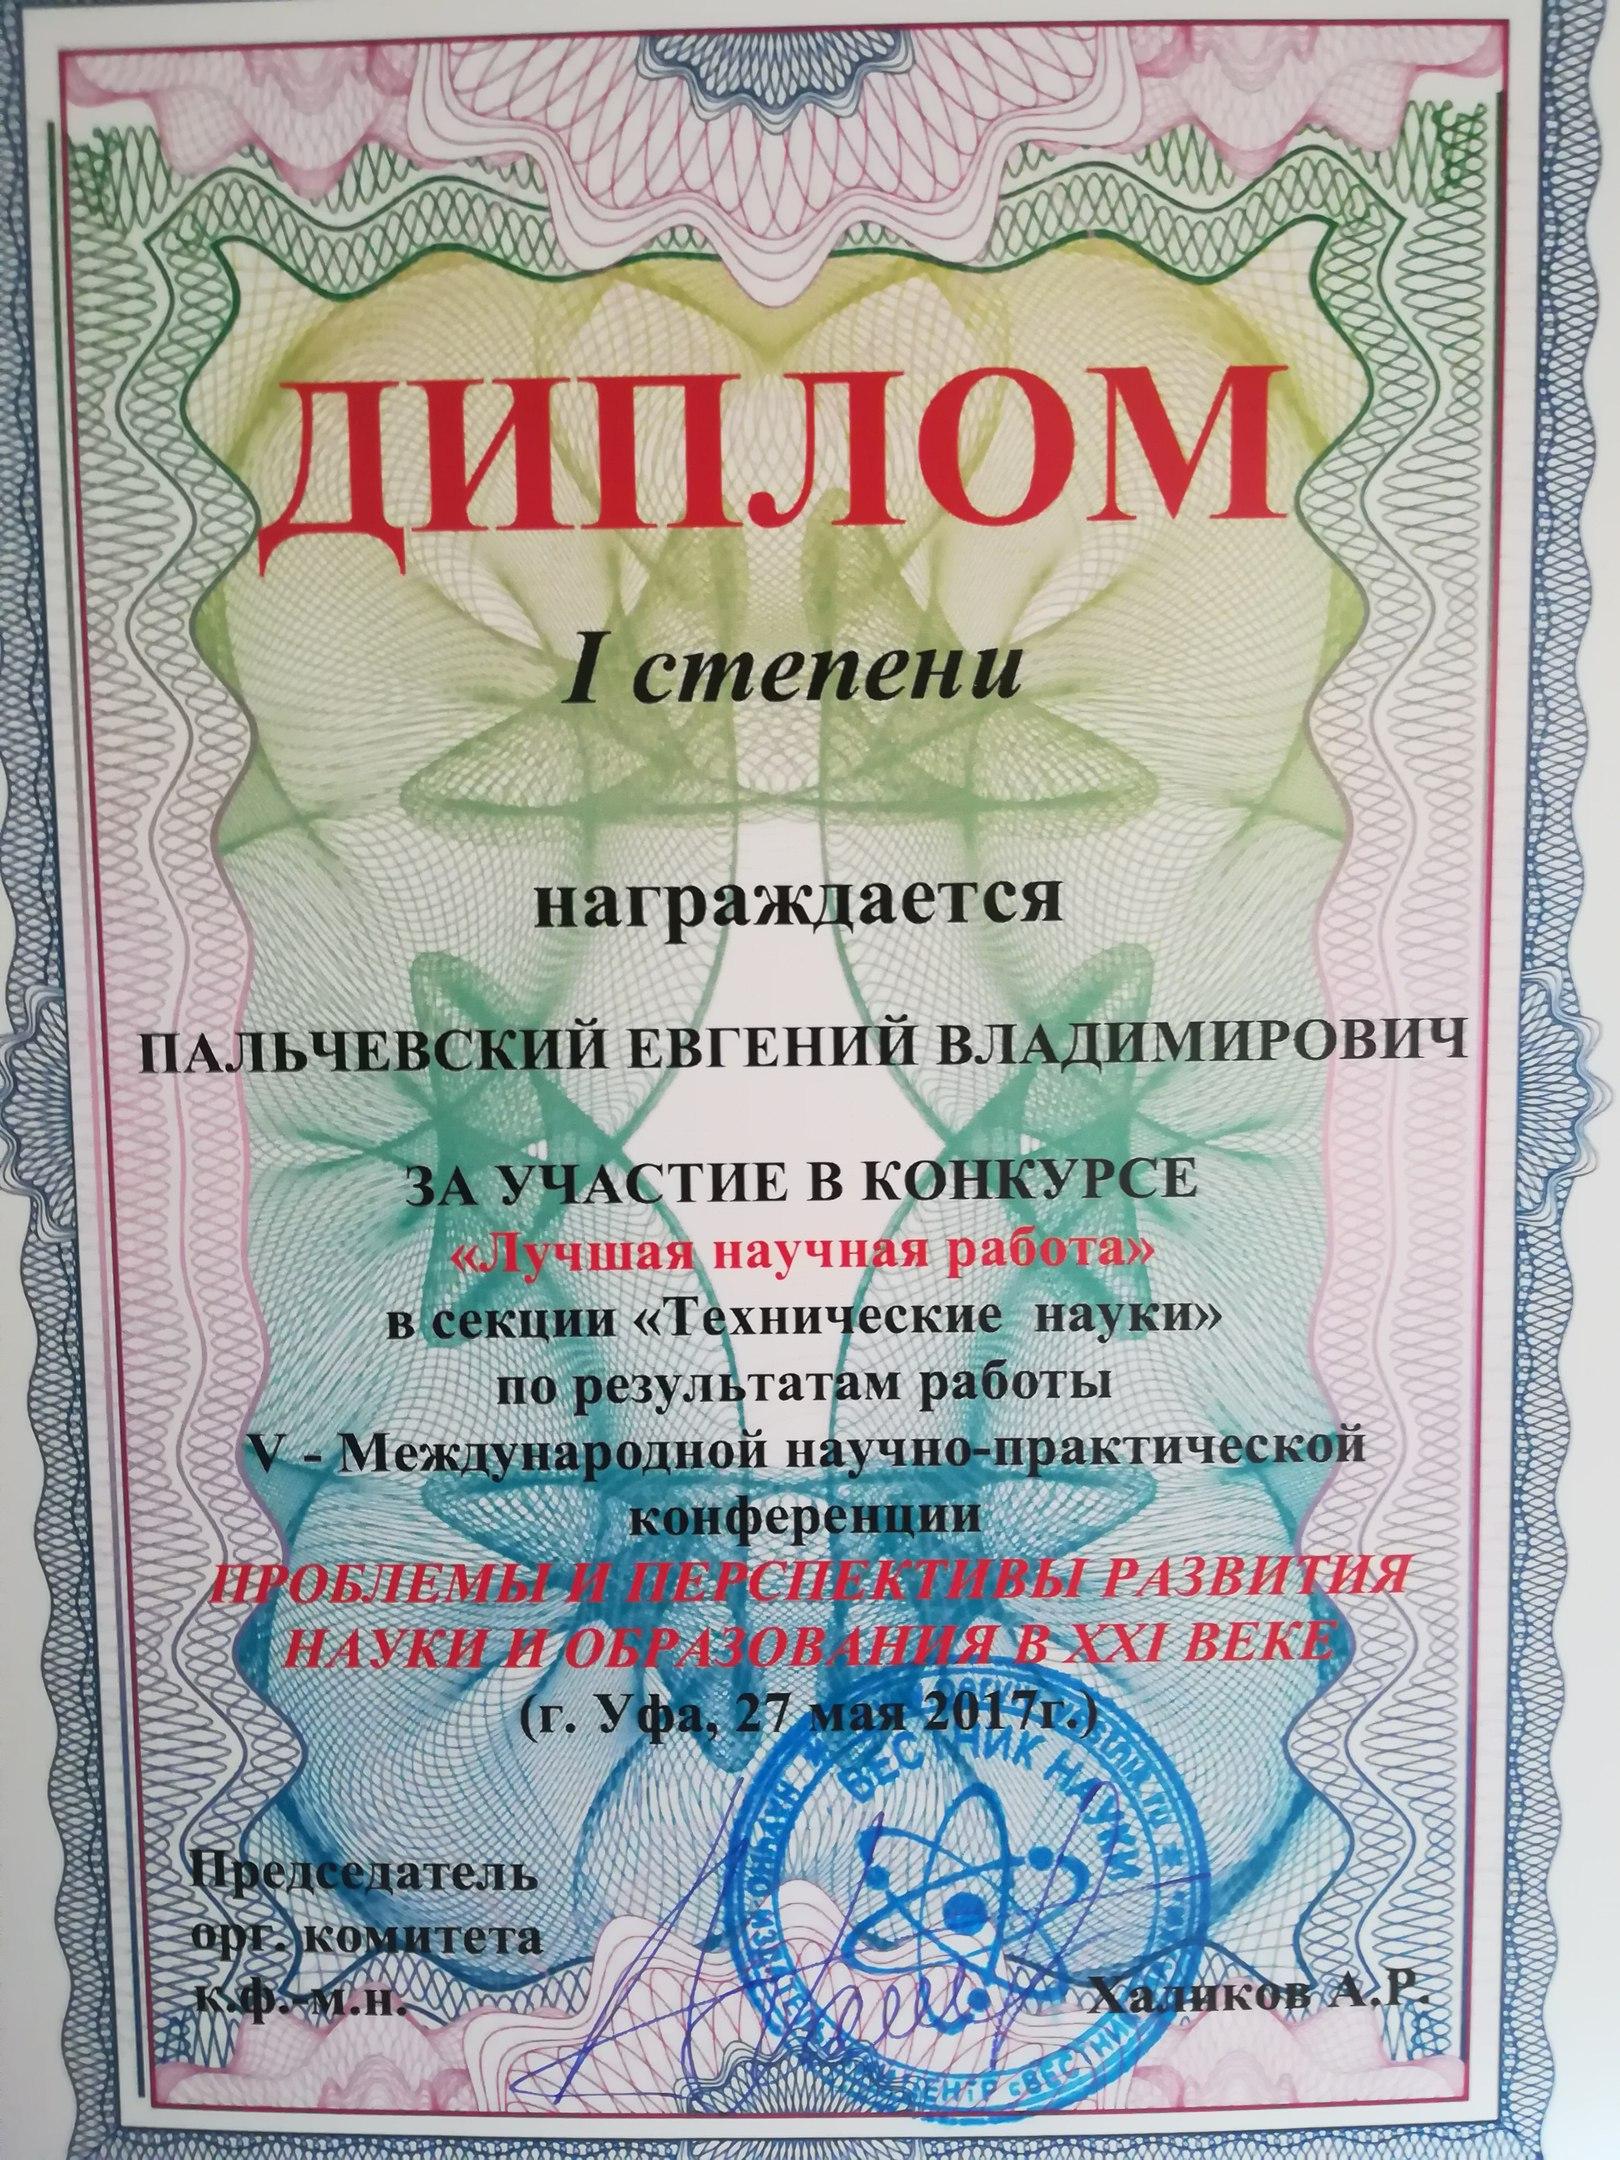 Пальчевский Евгений Владимирович Грамоты и награды 32 Сертификат участника международной научно практической конференции посмотреть 33 Диплом за первое место